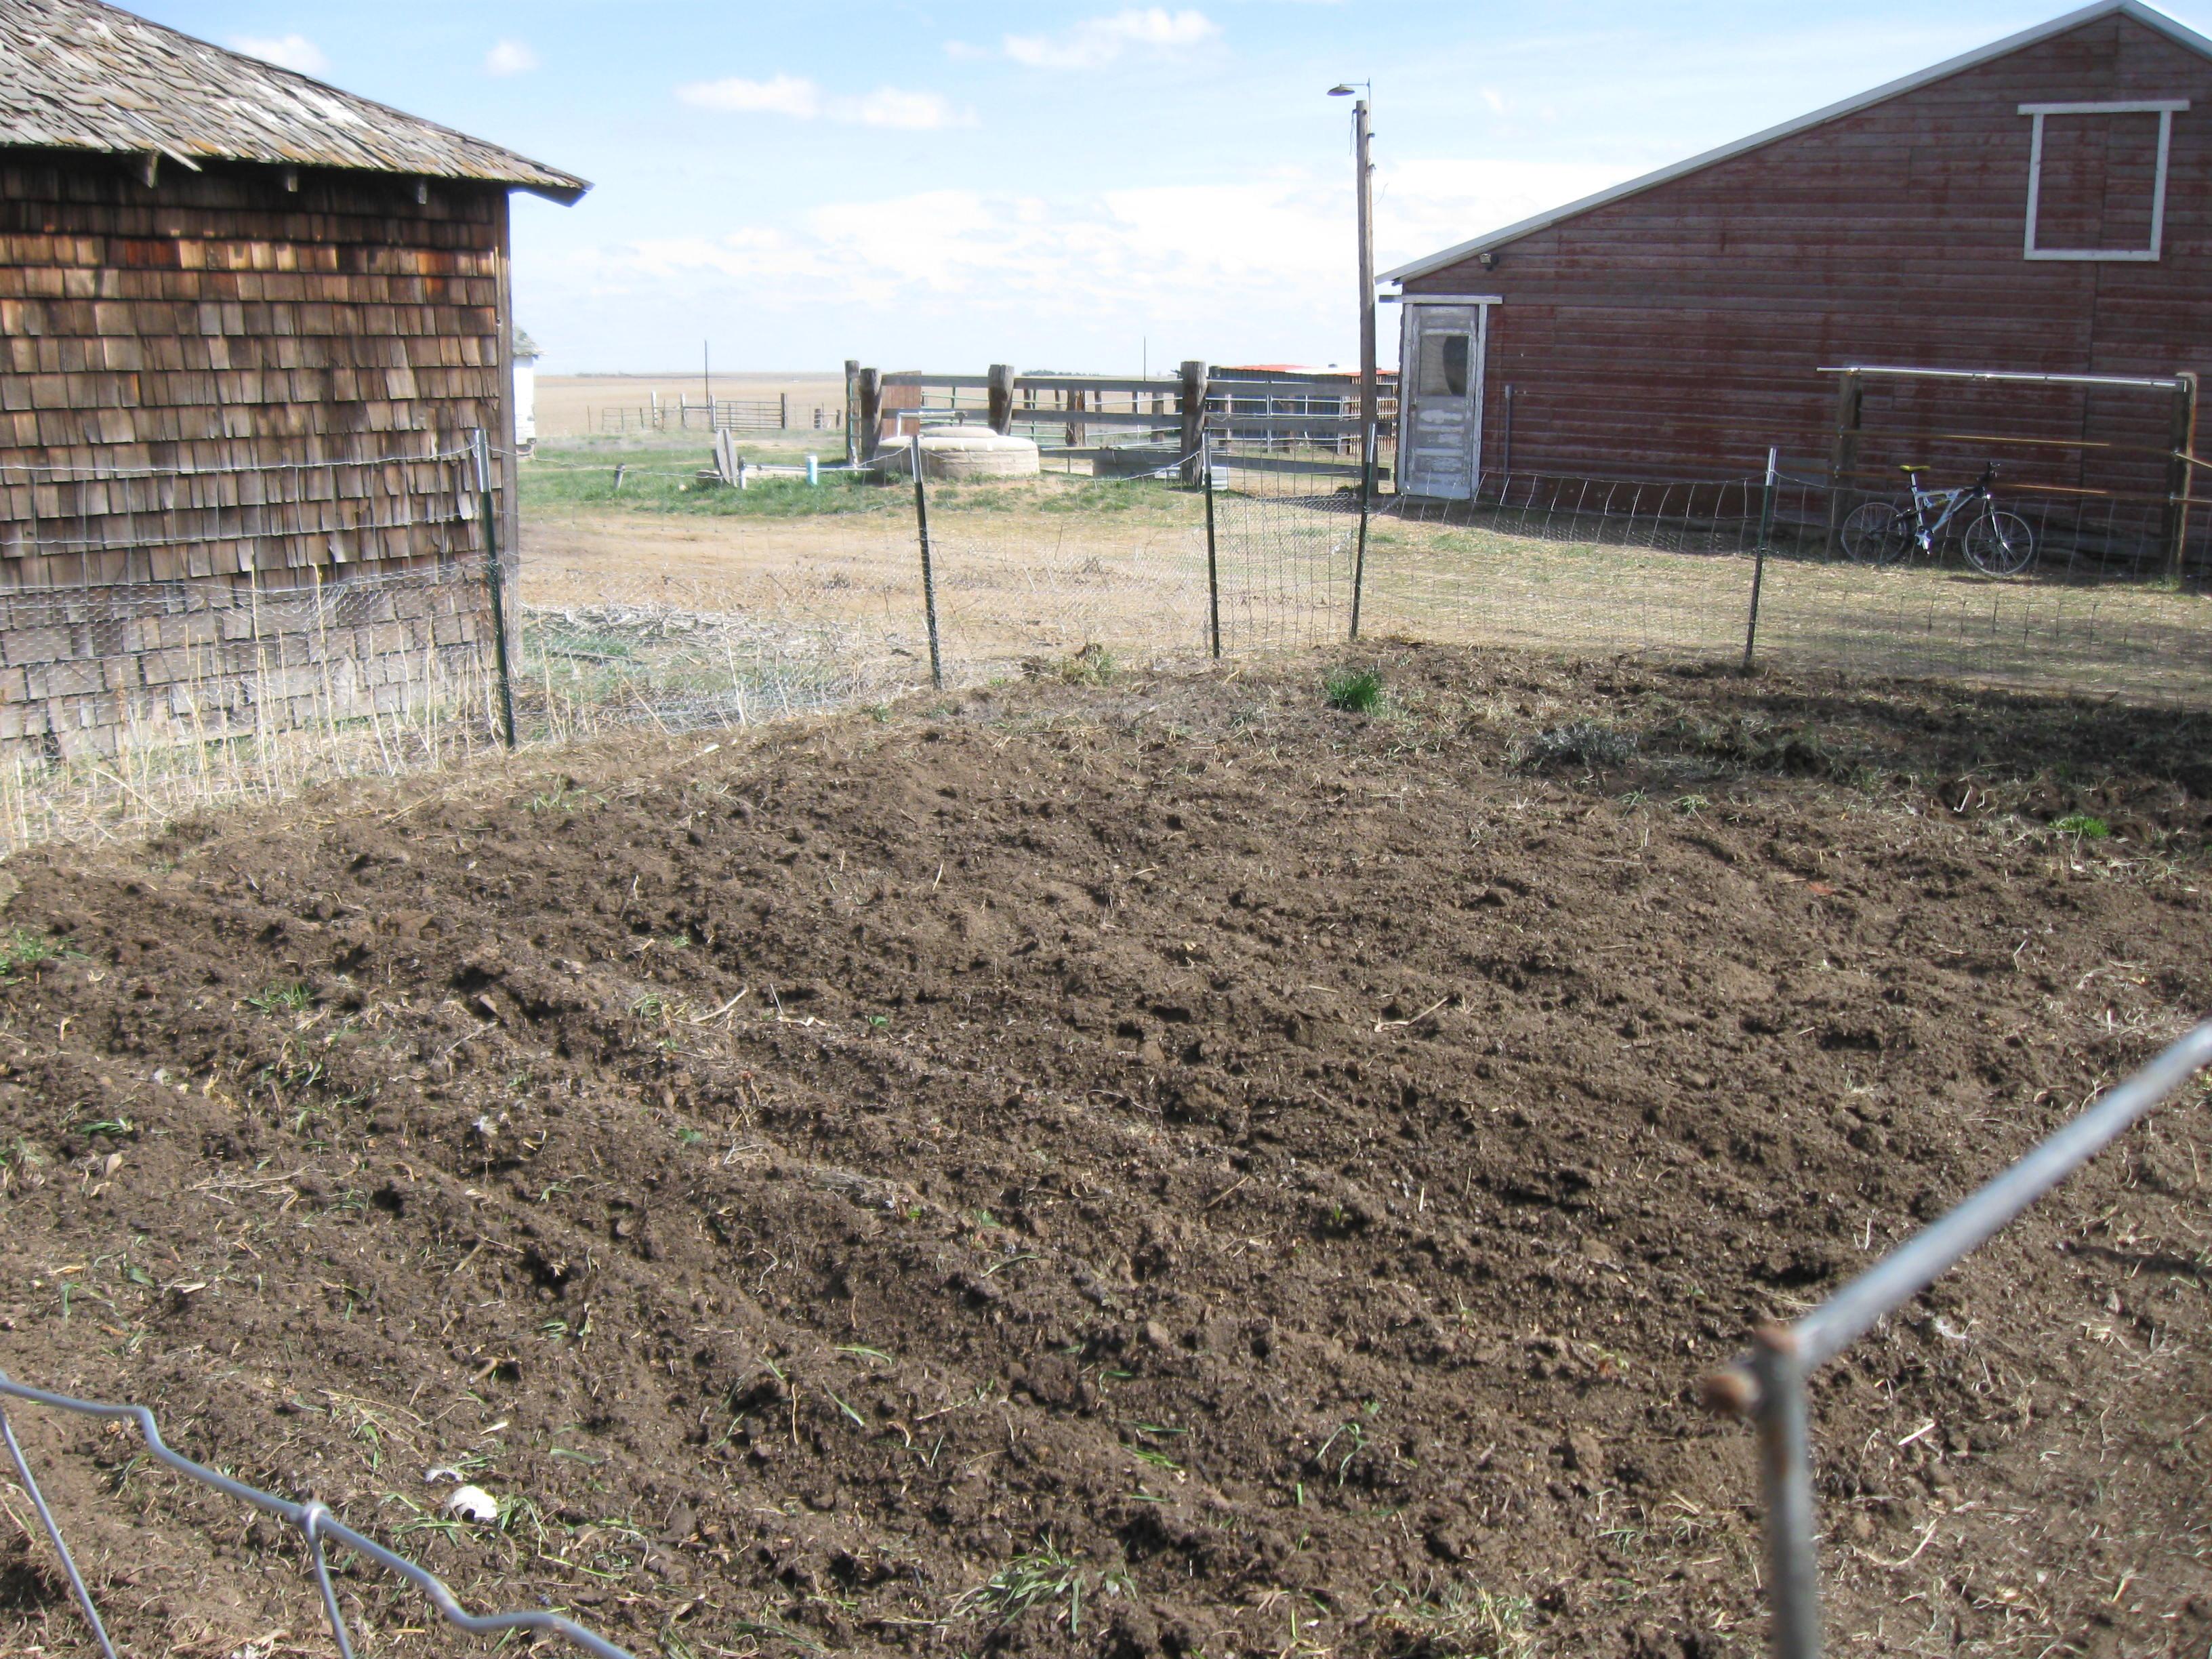 No Till Garden The City Girl Farmer